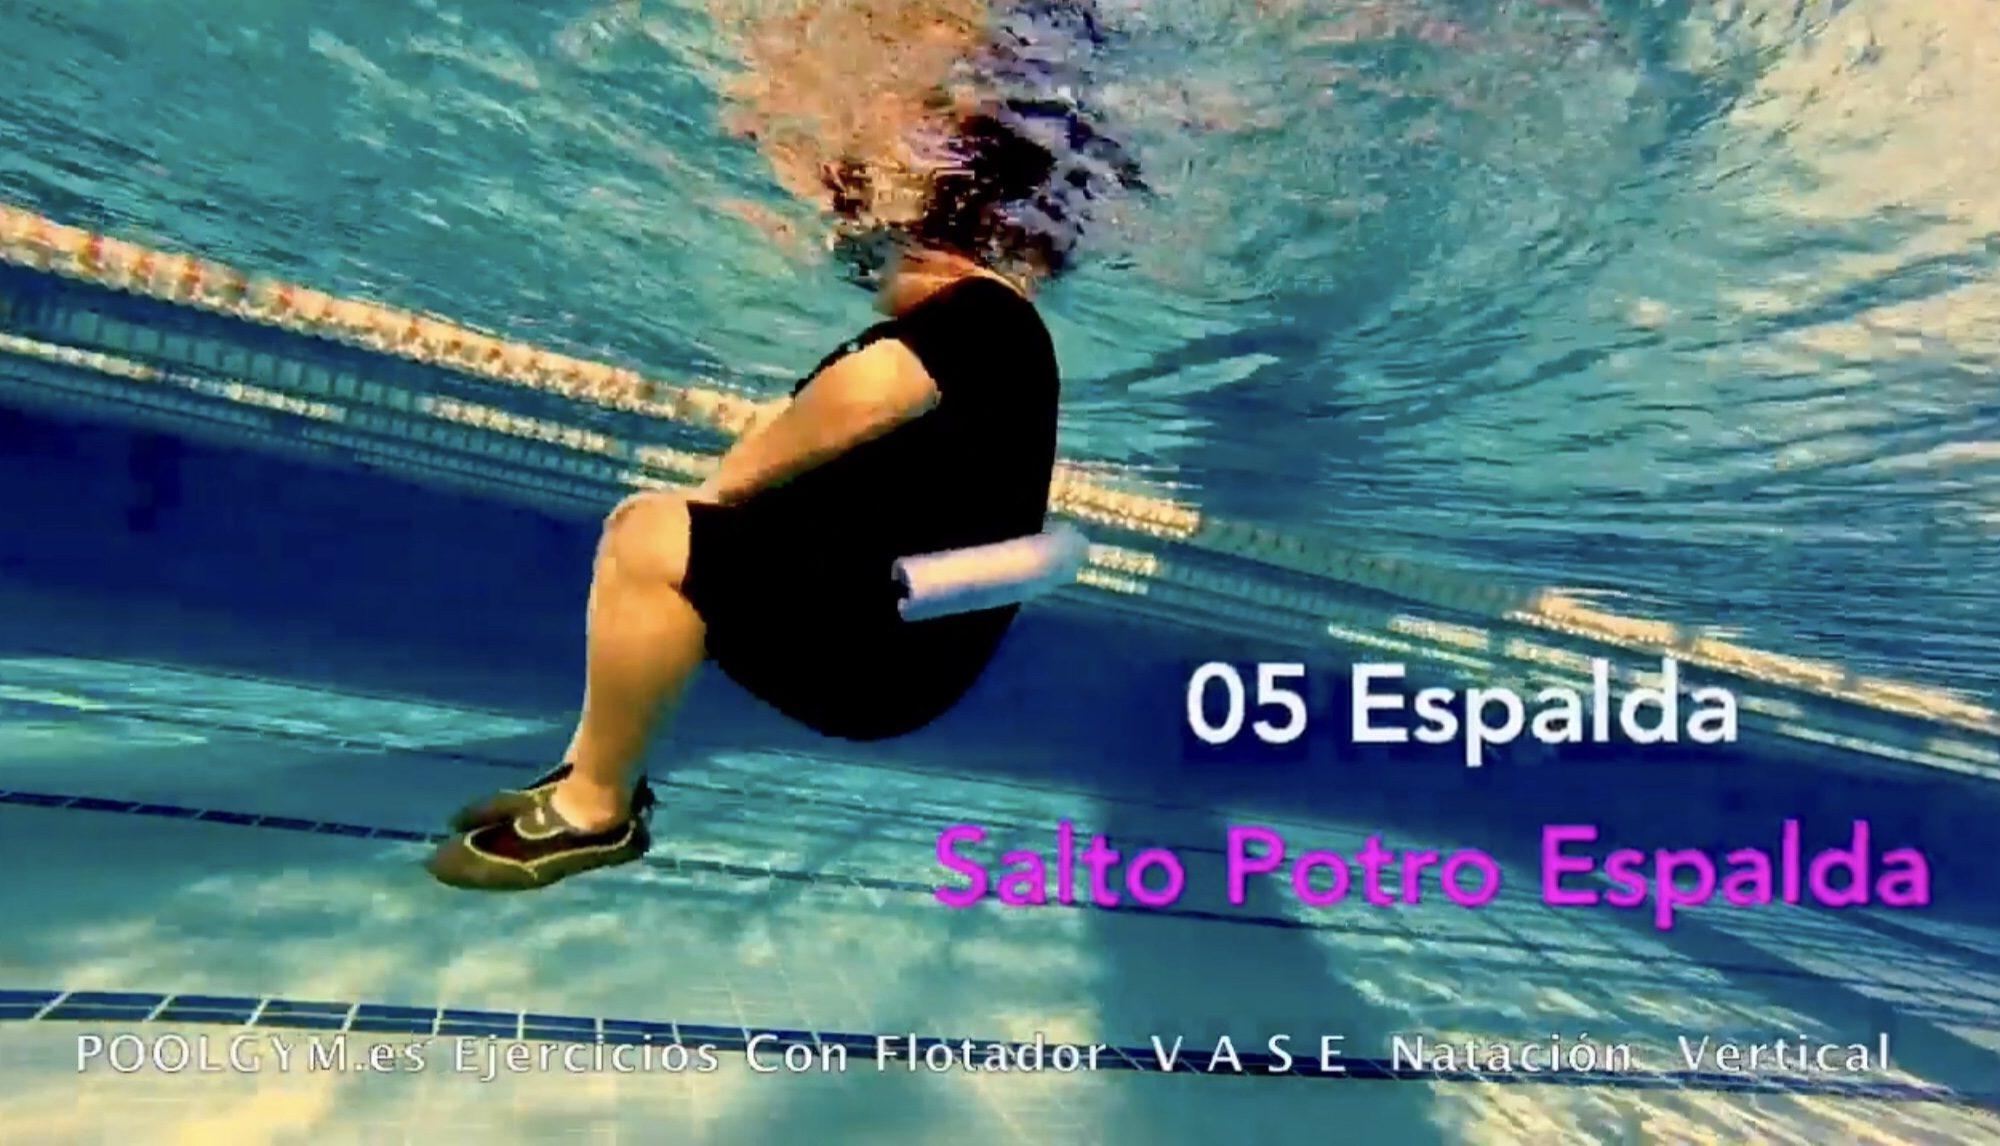 05 Espada SALTO DEL POTRO poolgym